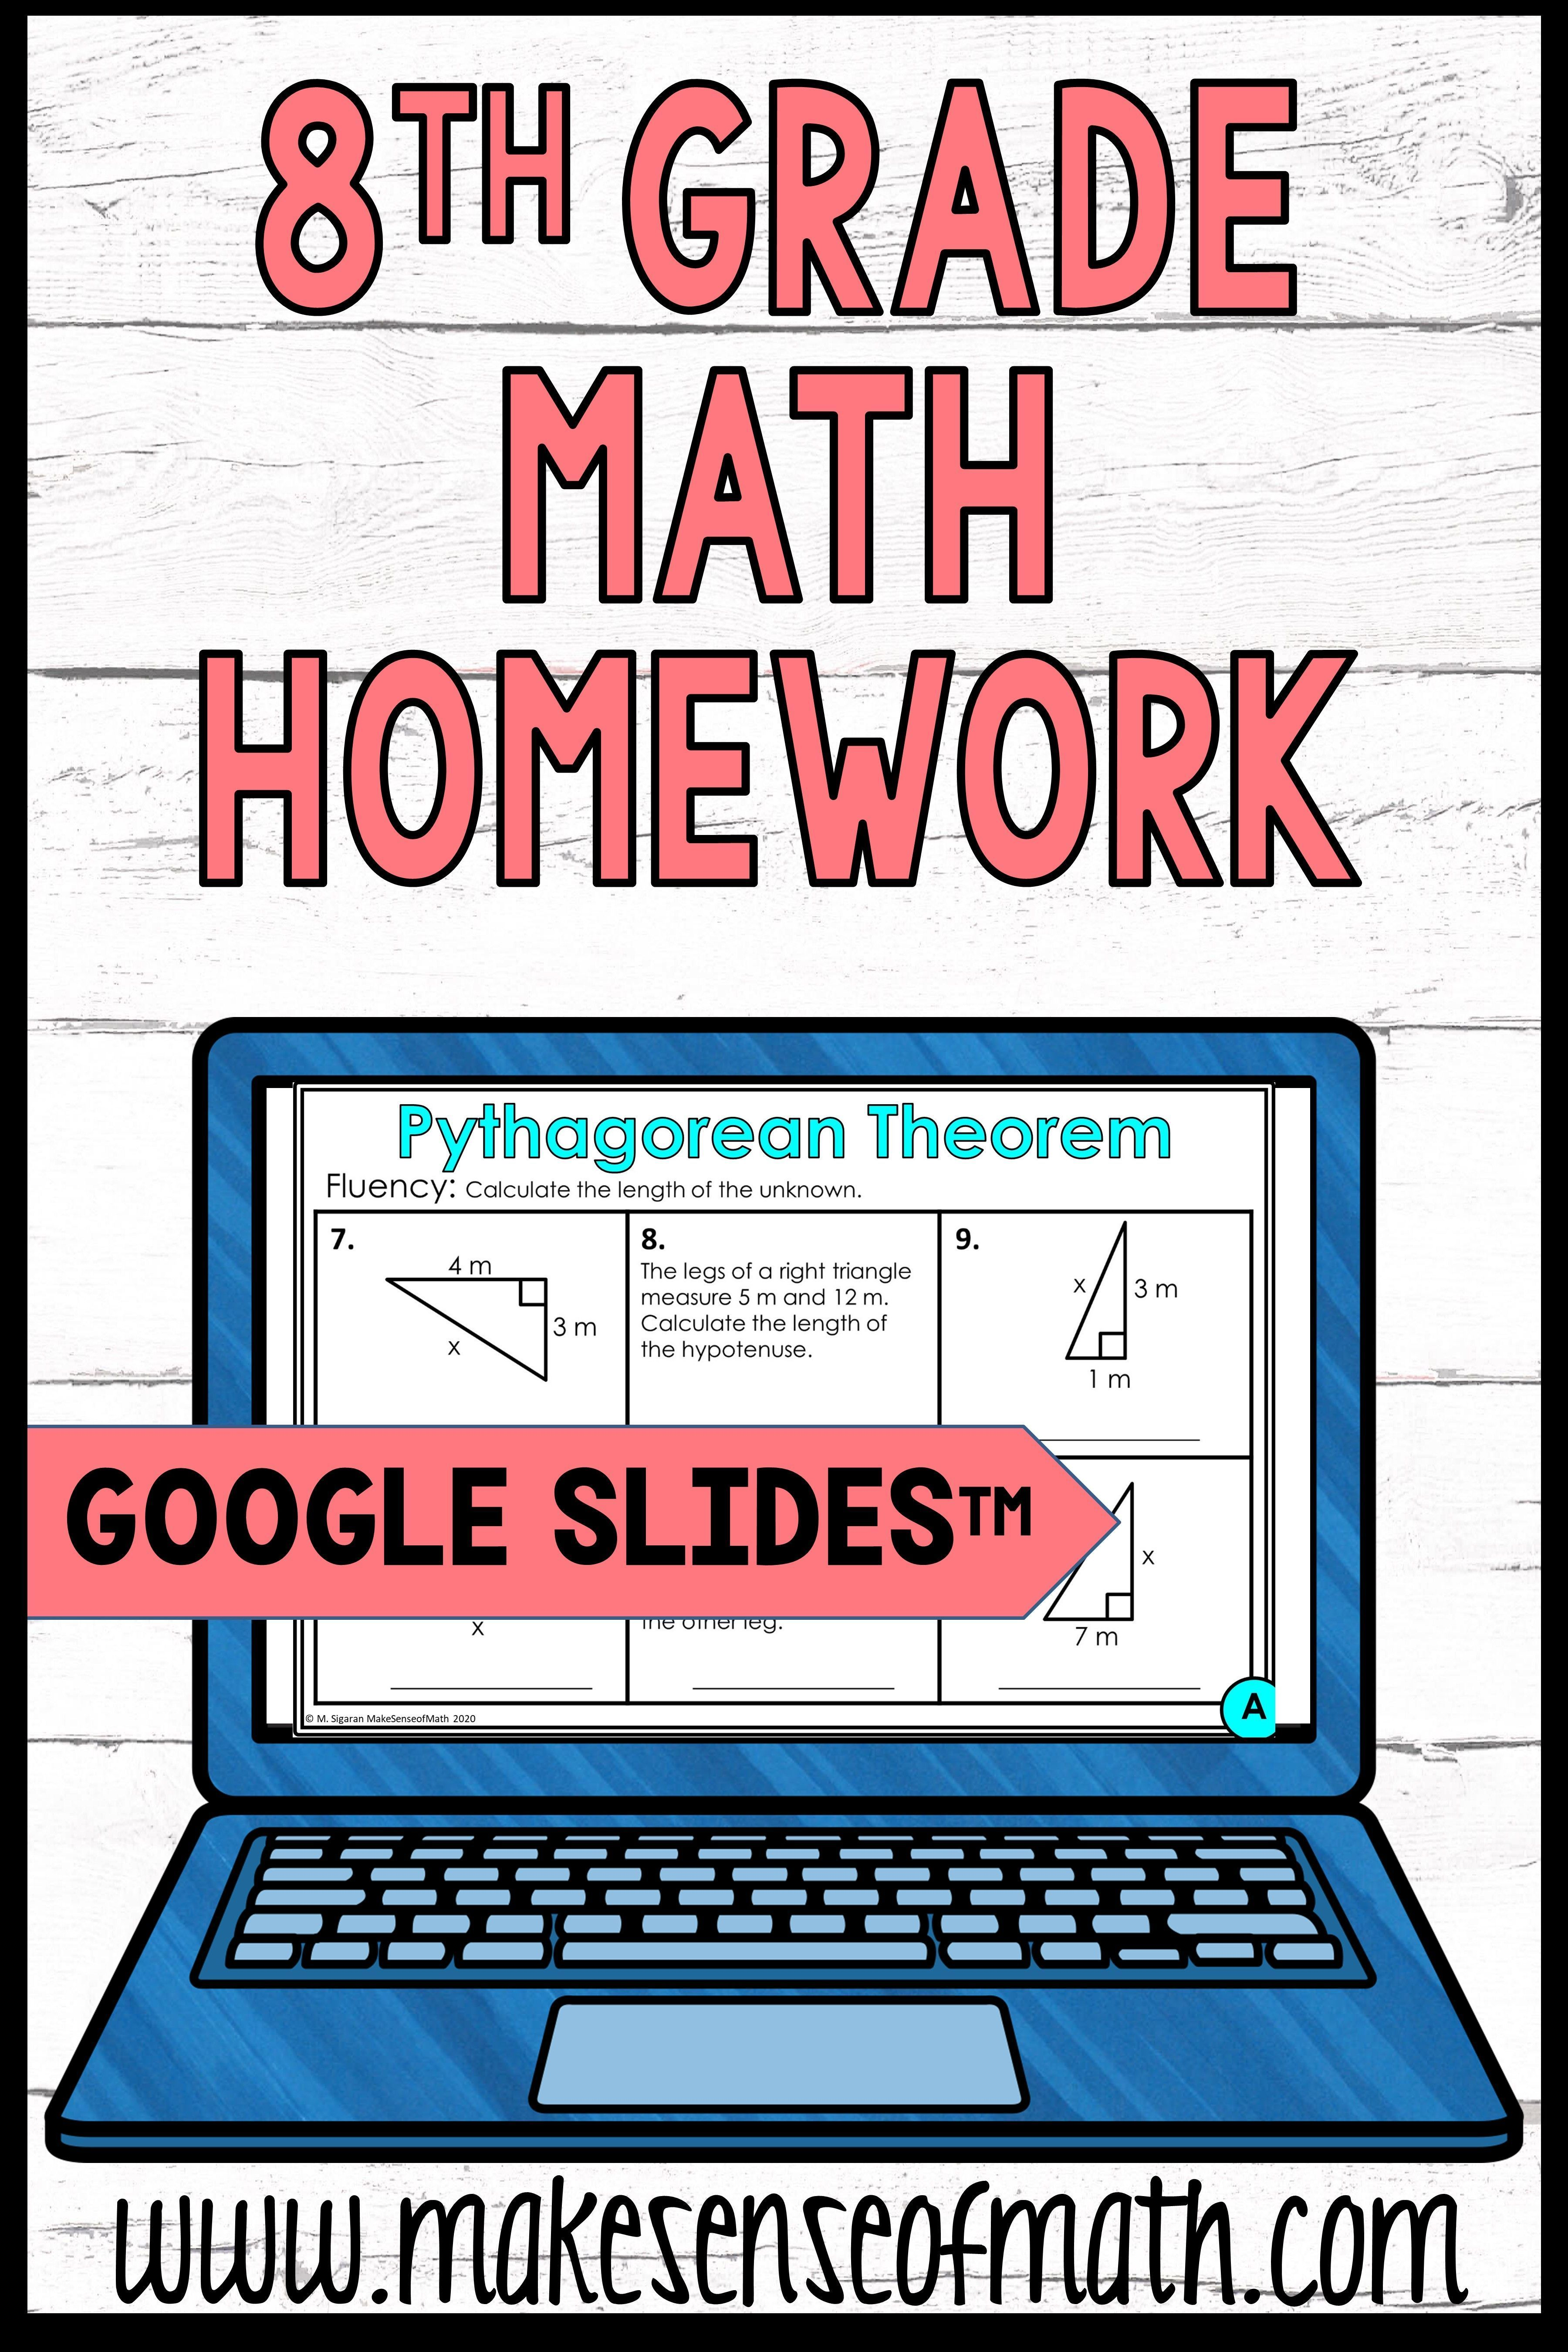 8th Grade Math Homework Digital In 2021 Math Homework 8th Grade Math Maths Activities Middle School [ 5400 x 3600 Pixel ]